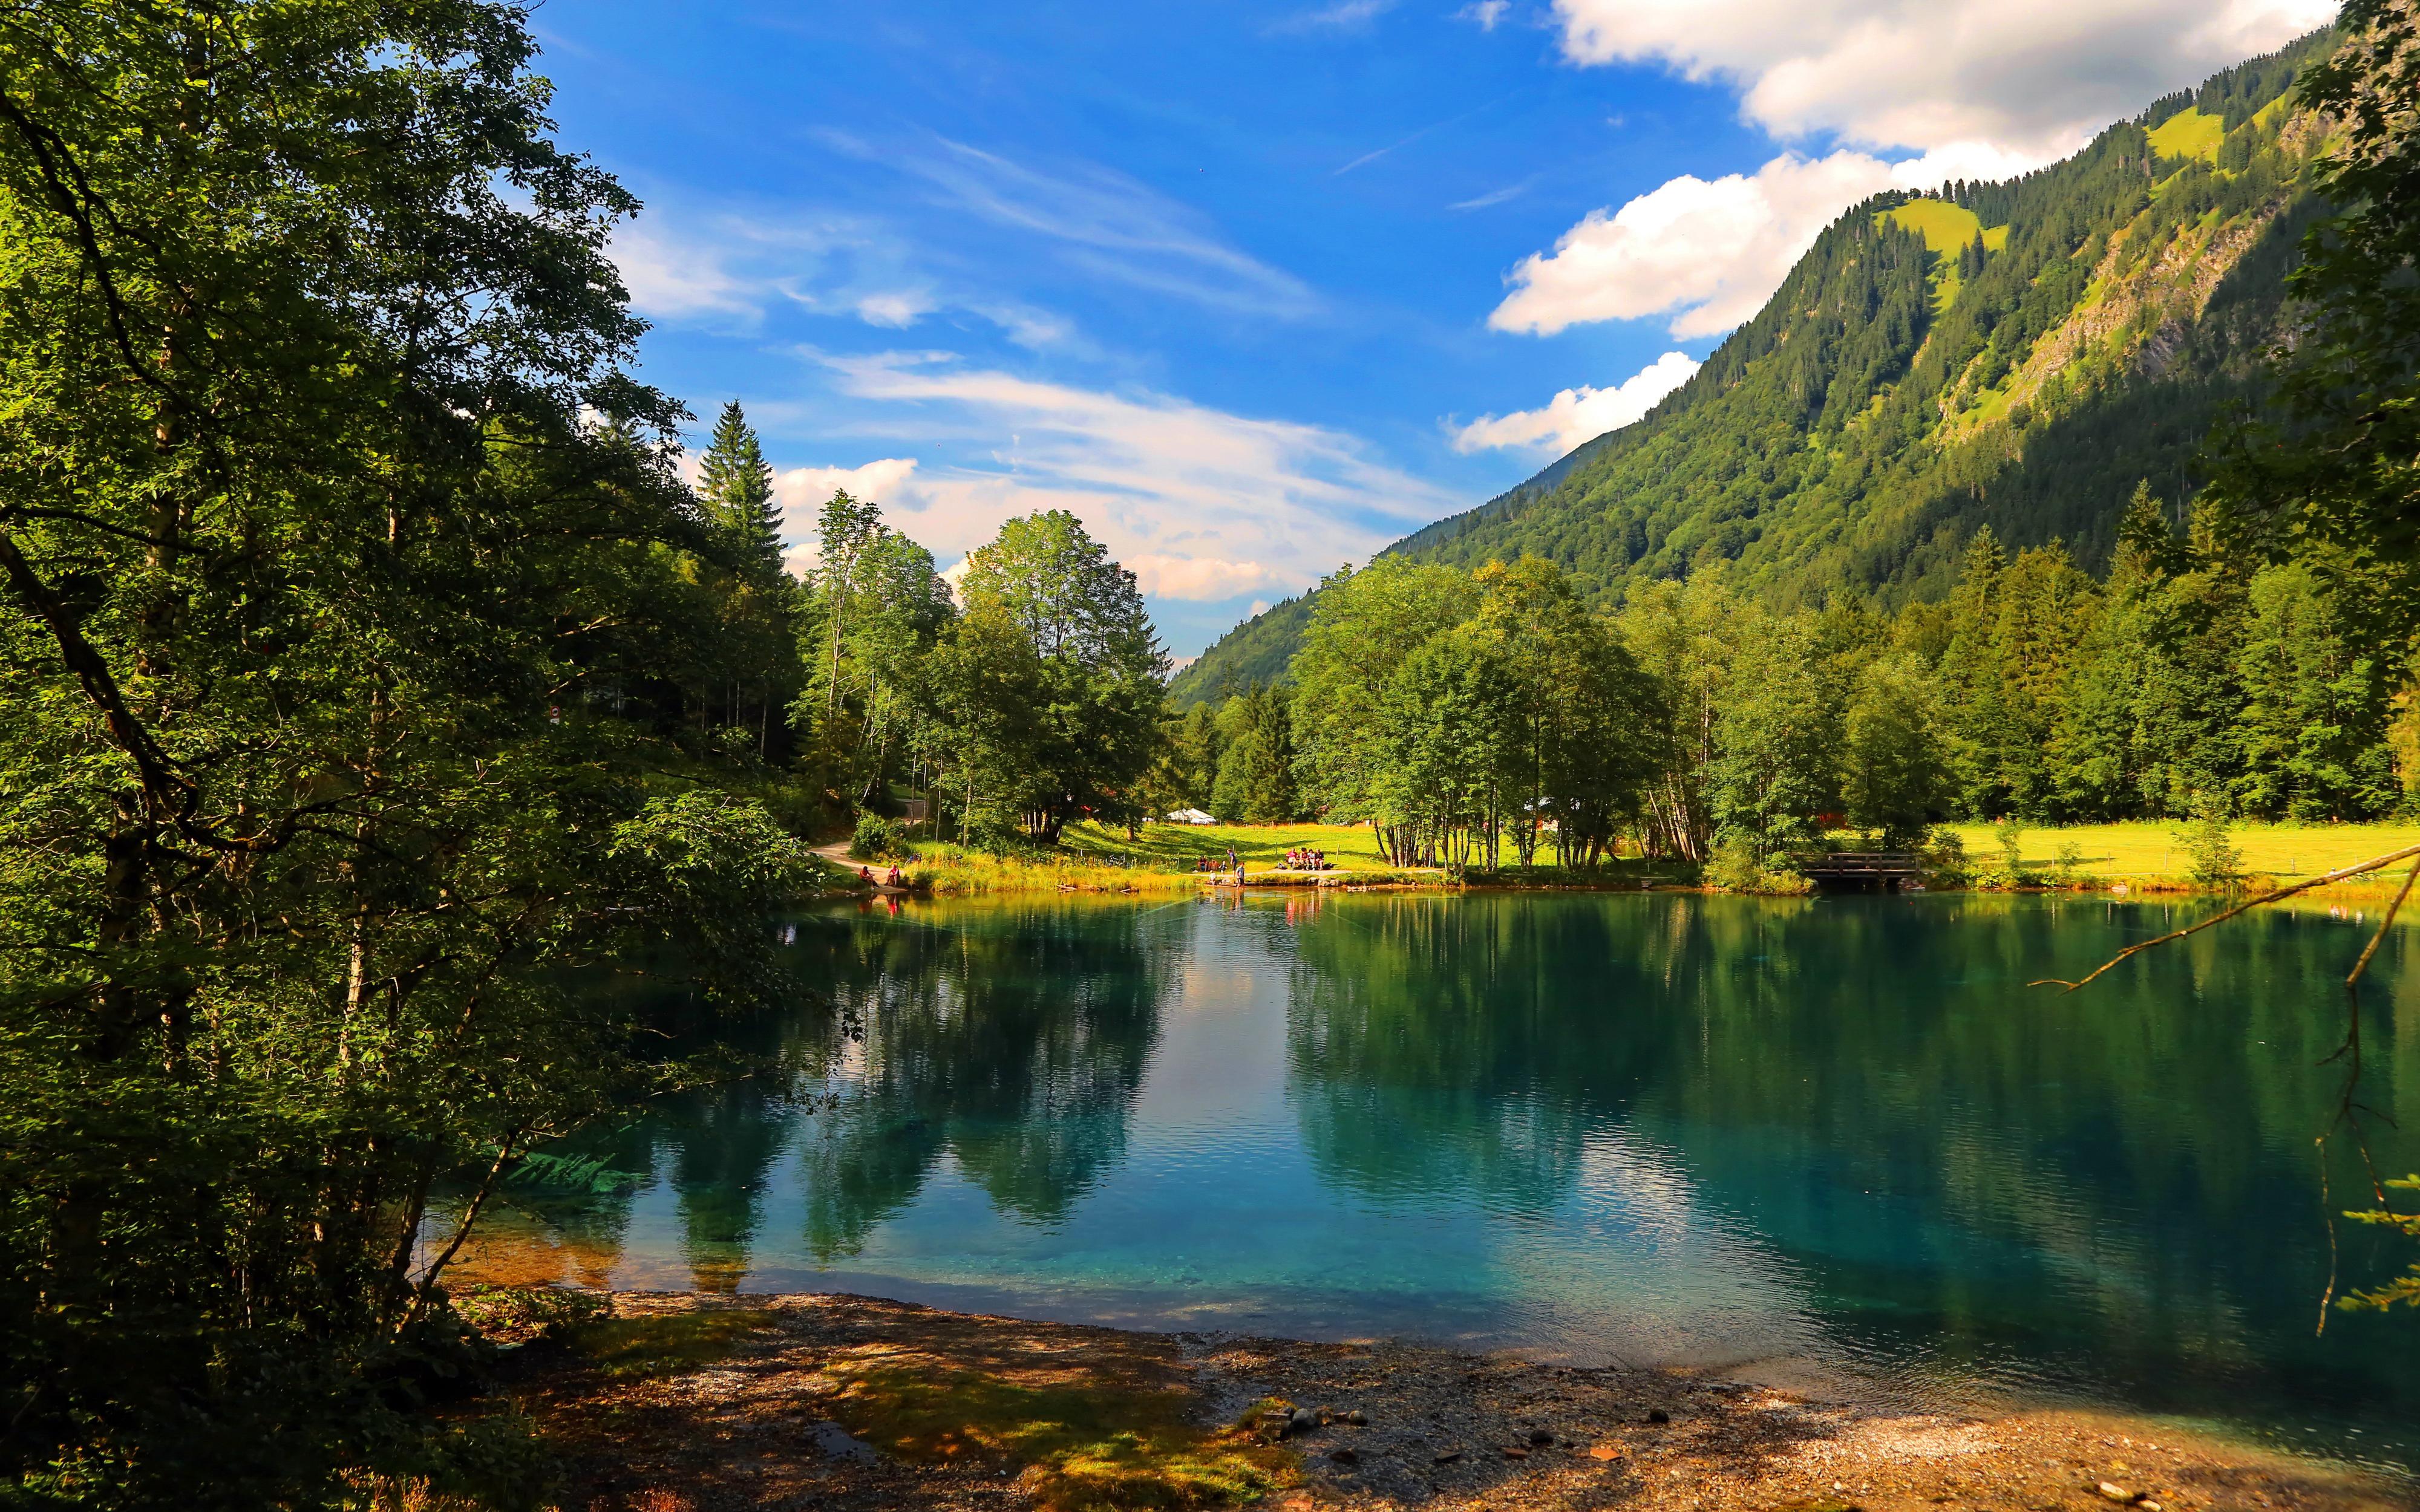 Fonds D Ecran 4000x2500 Photographie De Paysage Montagnes Lac Ete Ciel Arbres Nature Telecharger Photo